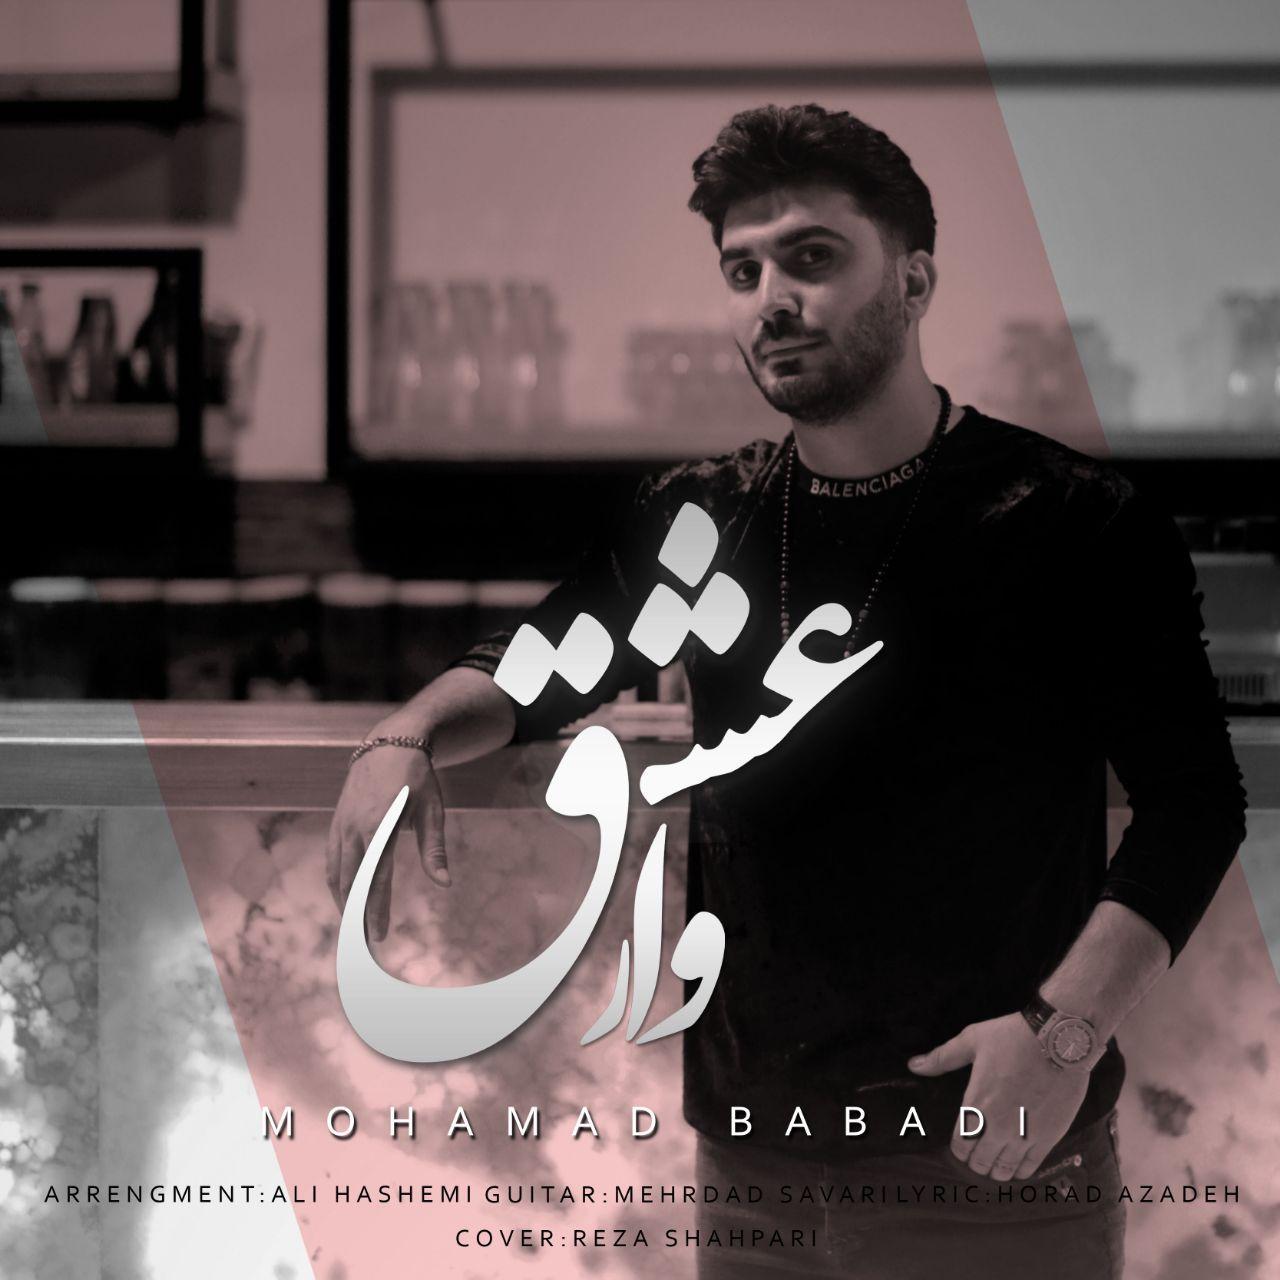 وار عشق از محمد بابادی